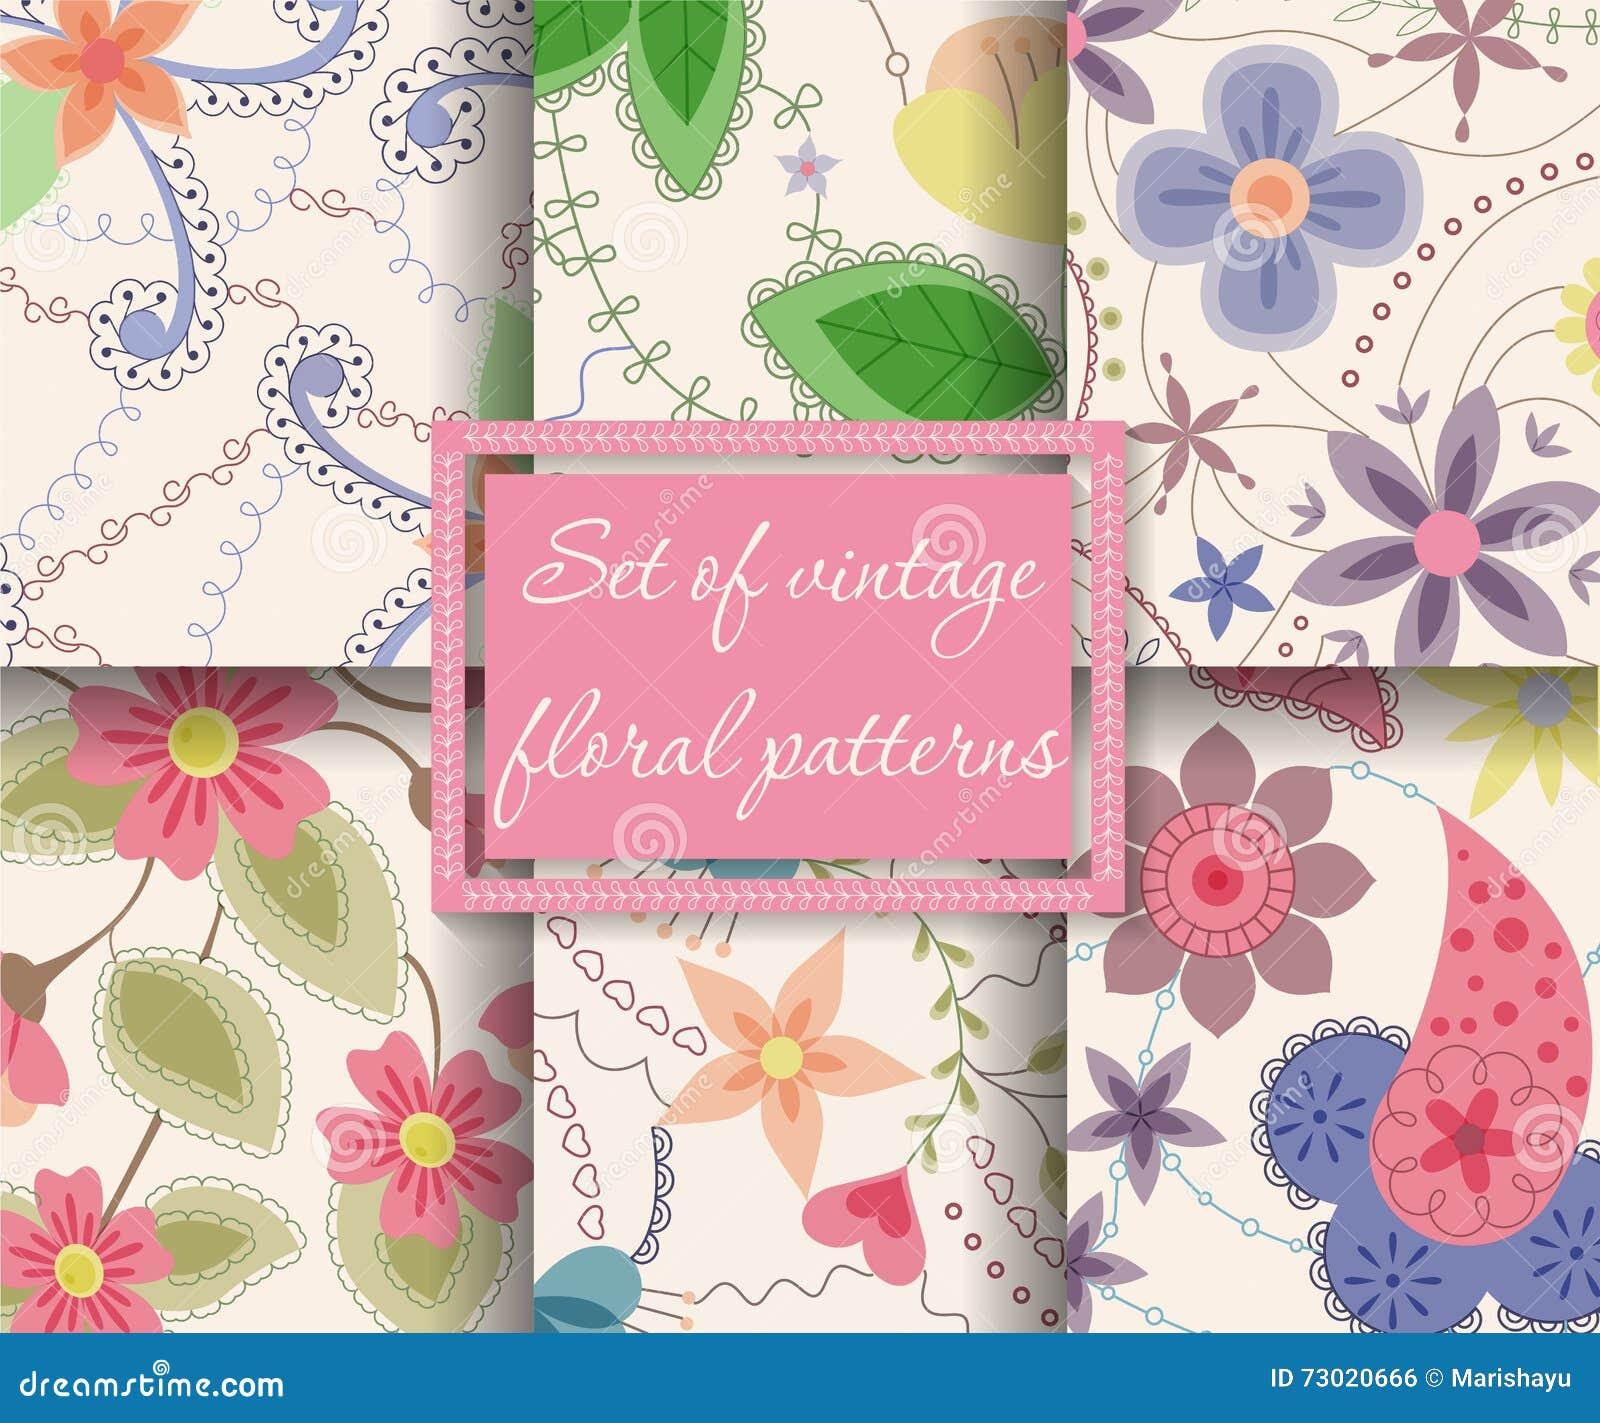 Set of seamless patterns vintage floral